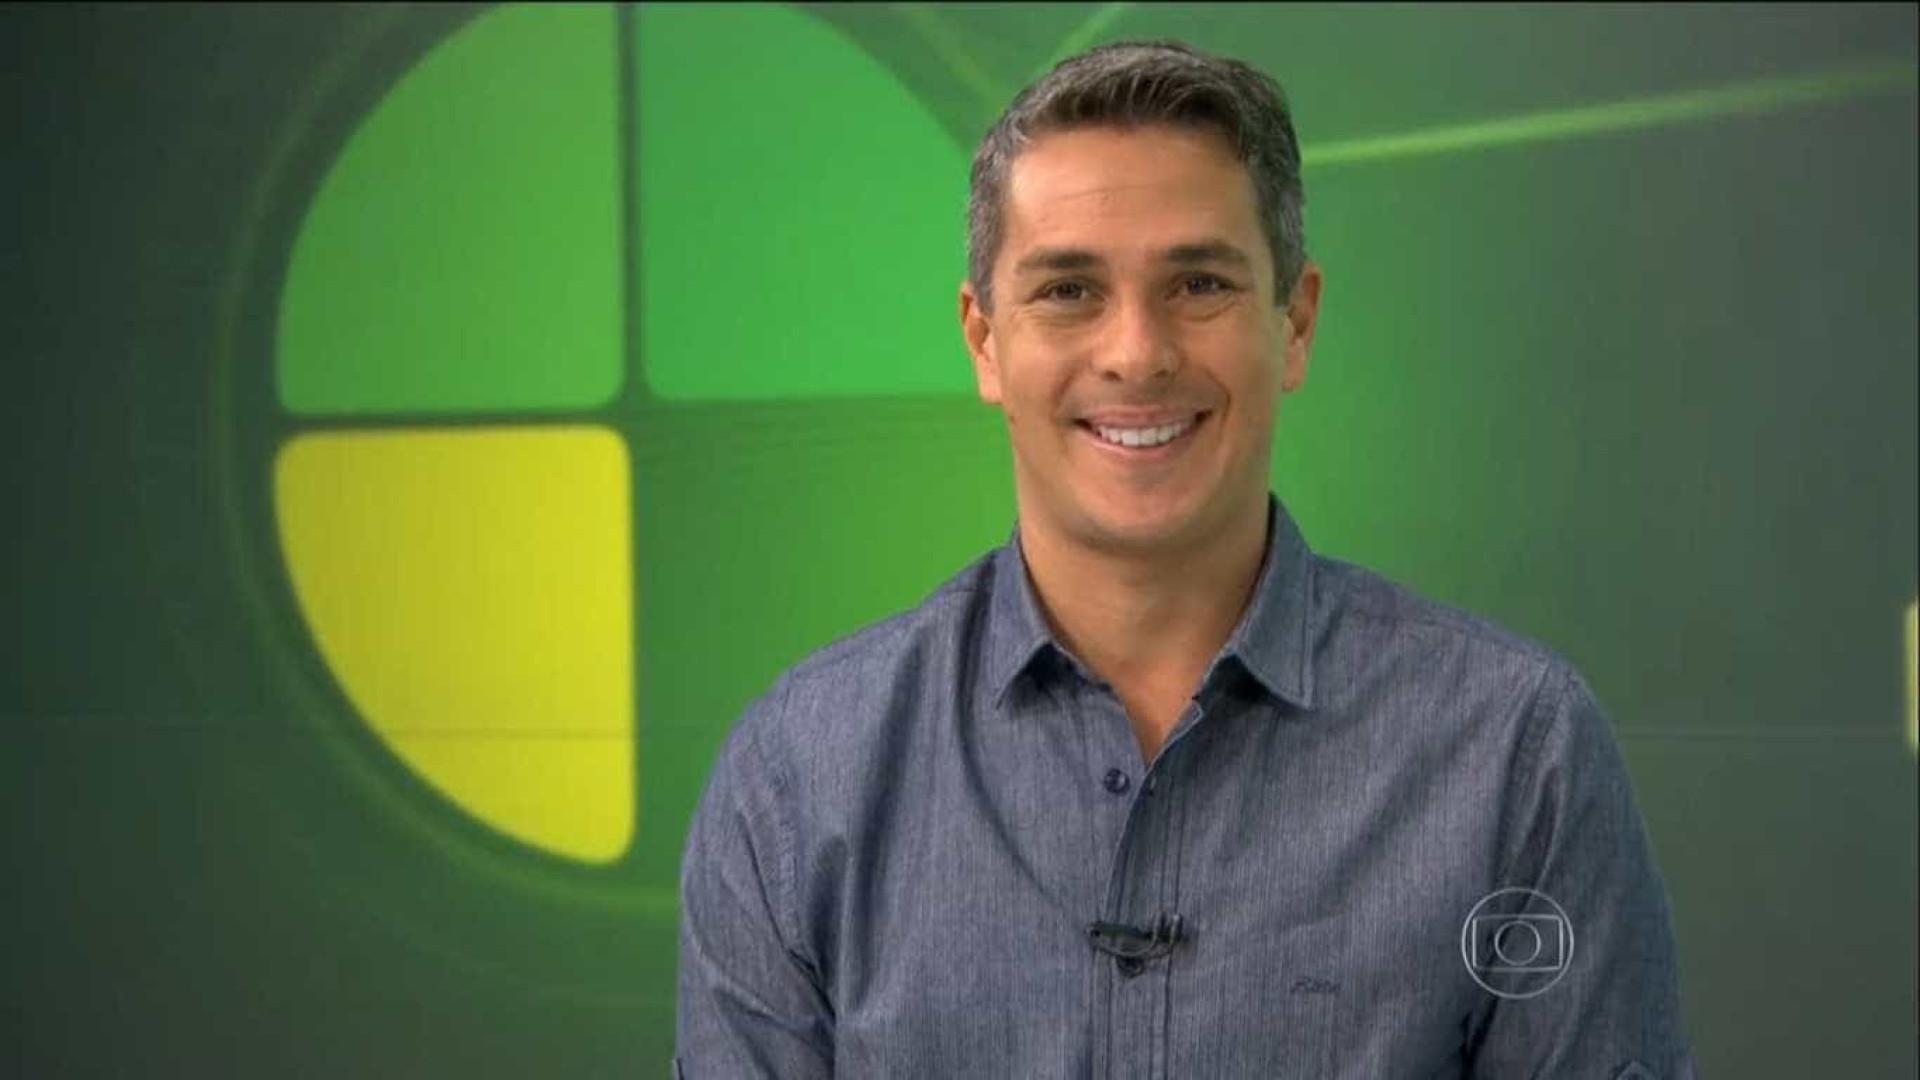 Apresentador da Globo é detonado por dizer que Tom Brady 'pega' Gisele